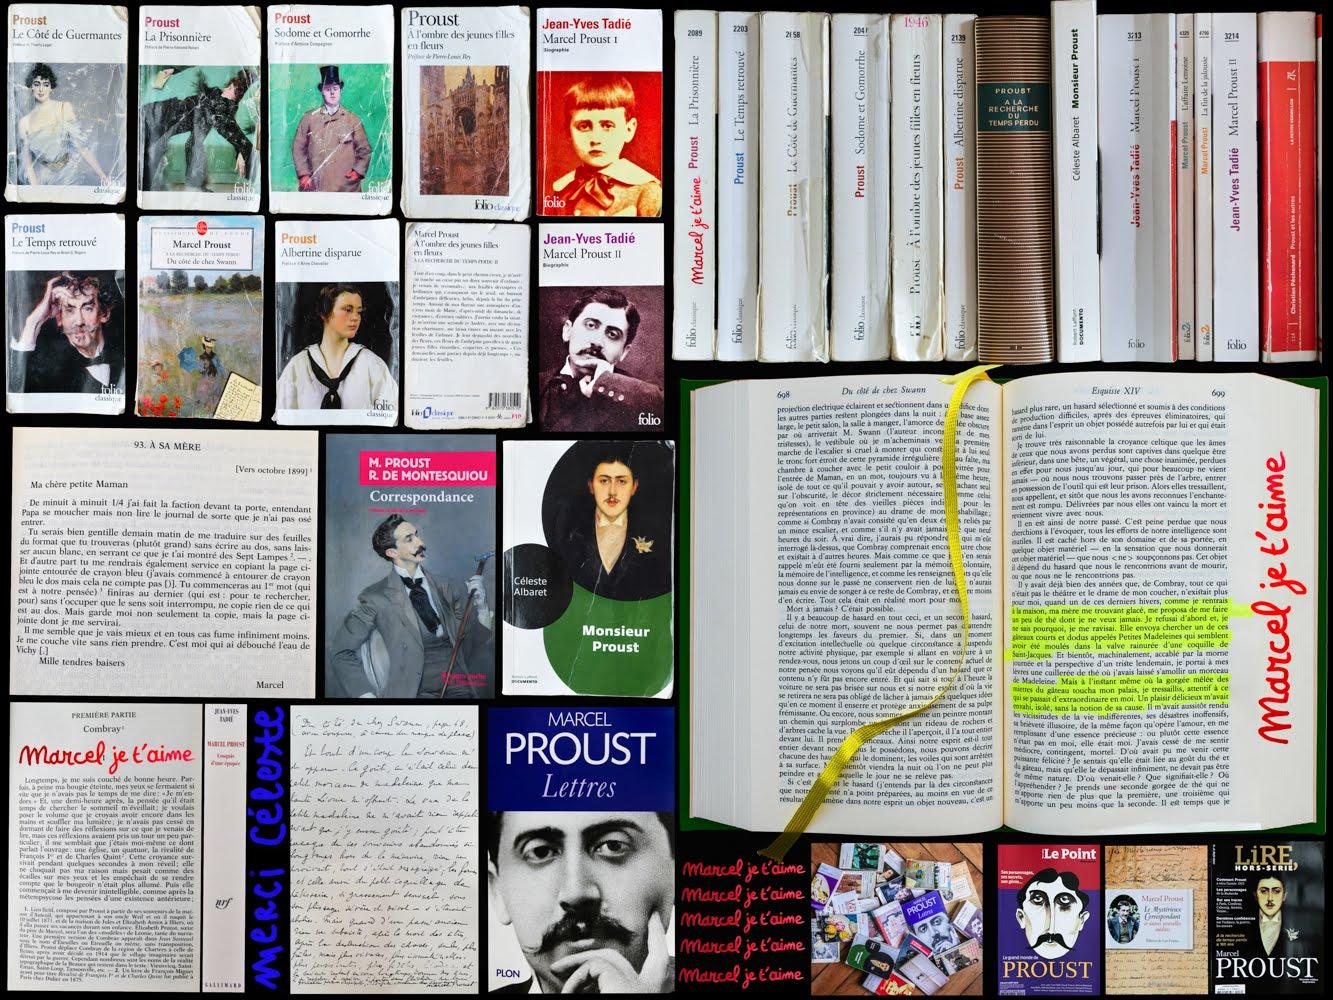 Le grand quizz Marcel Proust en 100 questions - Proustonomics